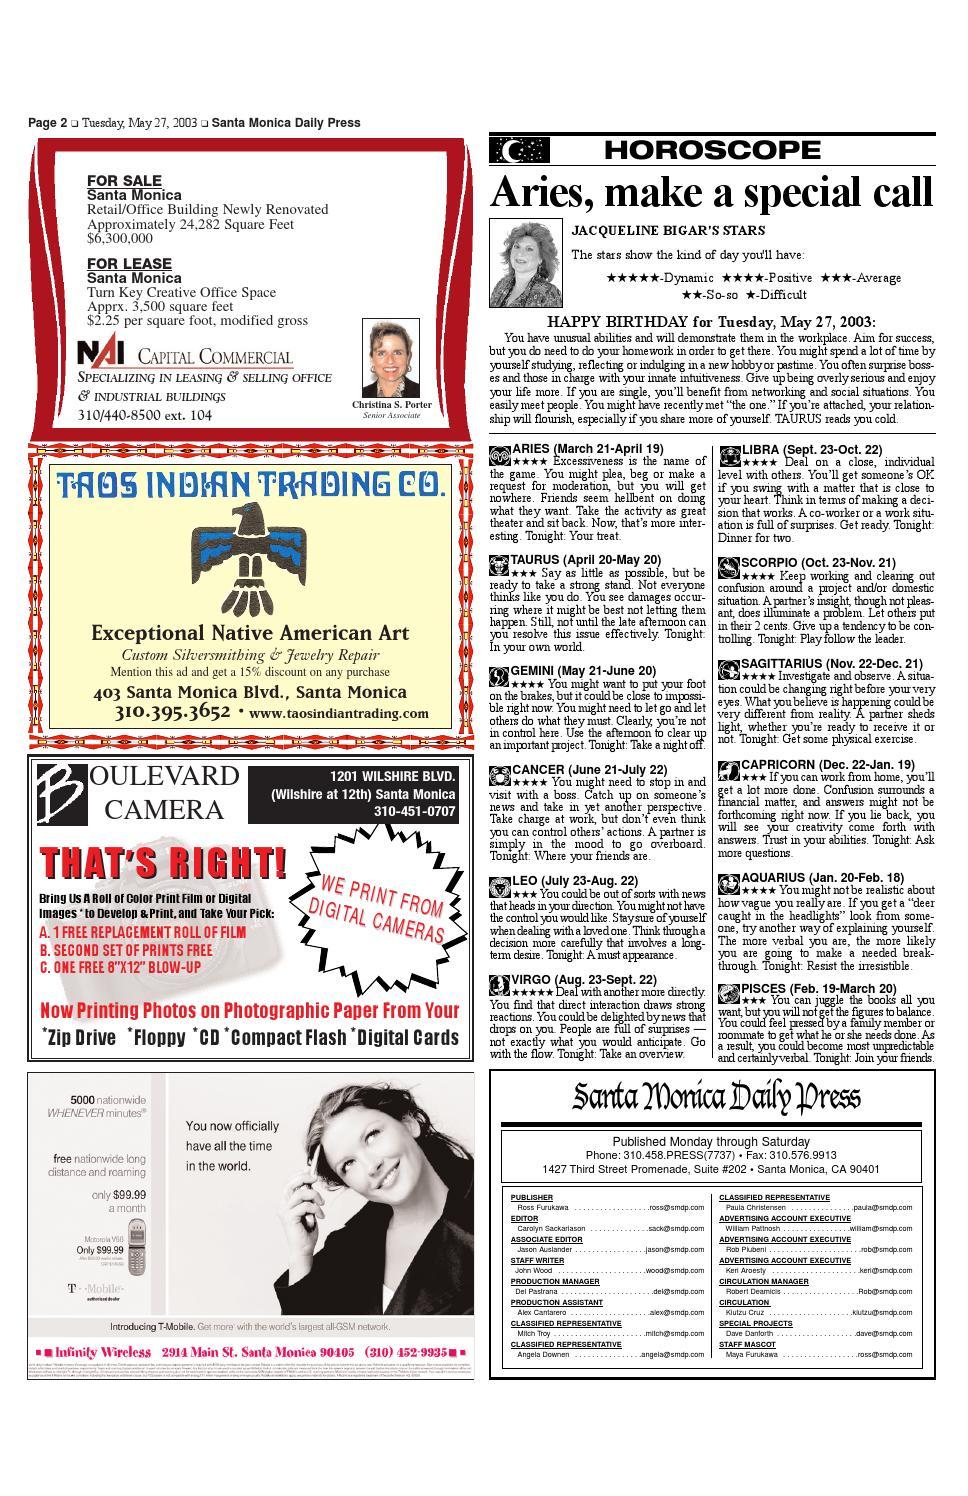 Santa Monica Daily Press, May 27, 2003 by Santa Monica Daily